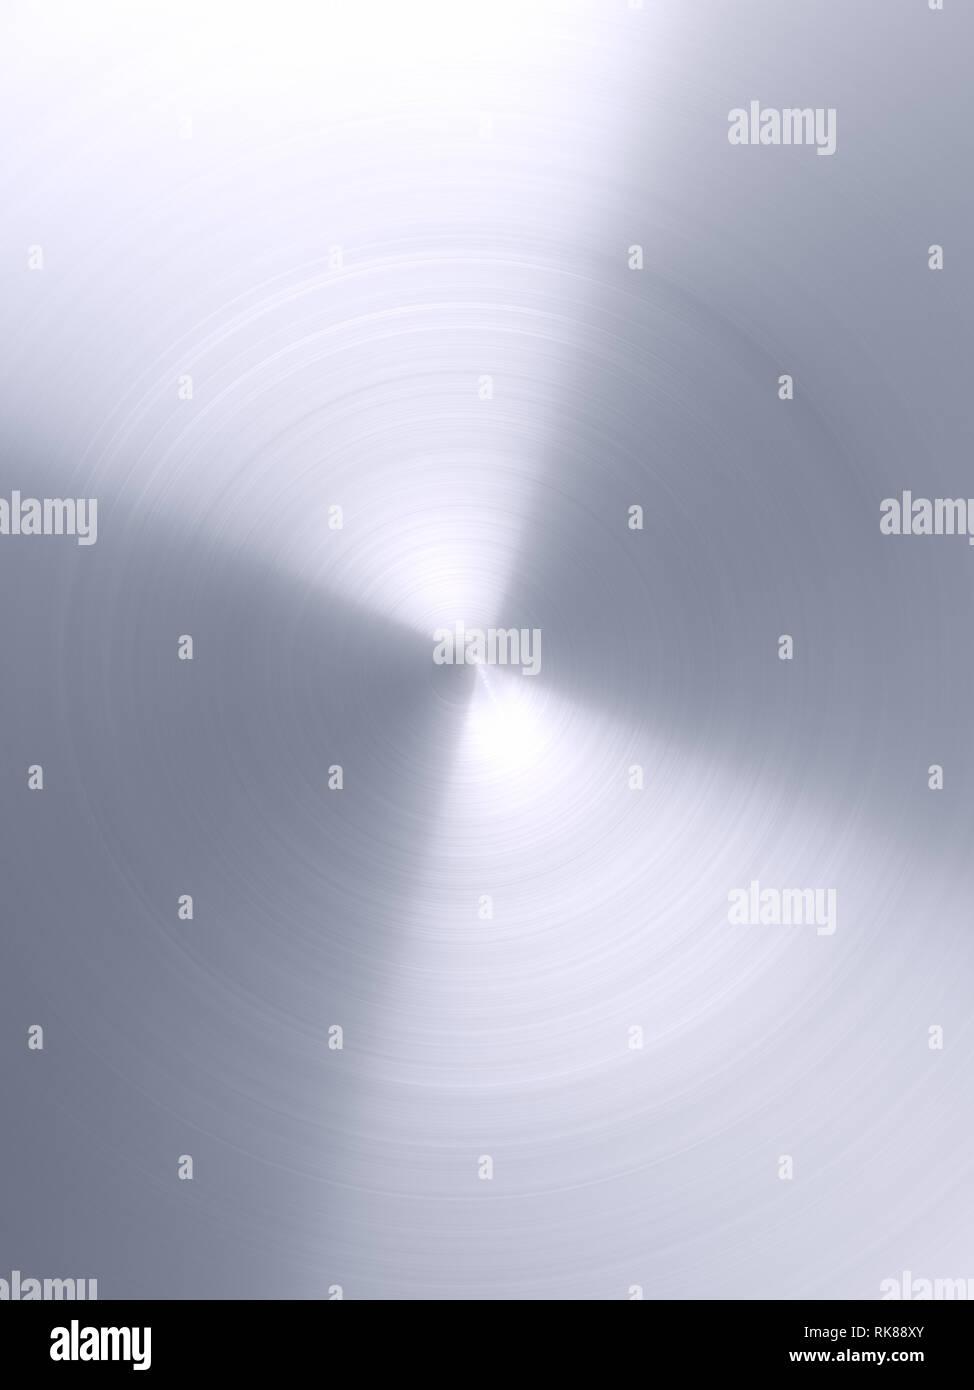 shiny metal radial polished texture - Stock Image